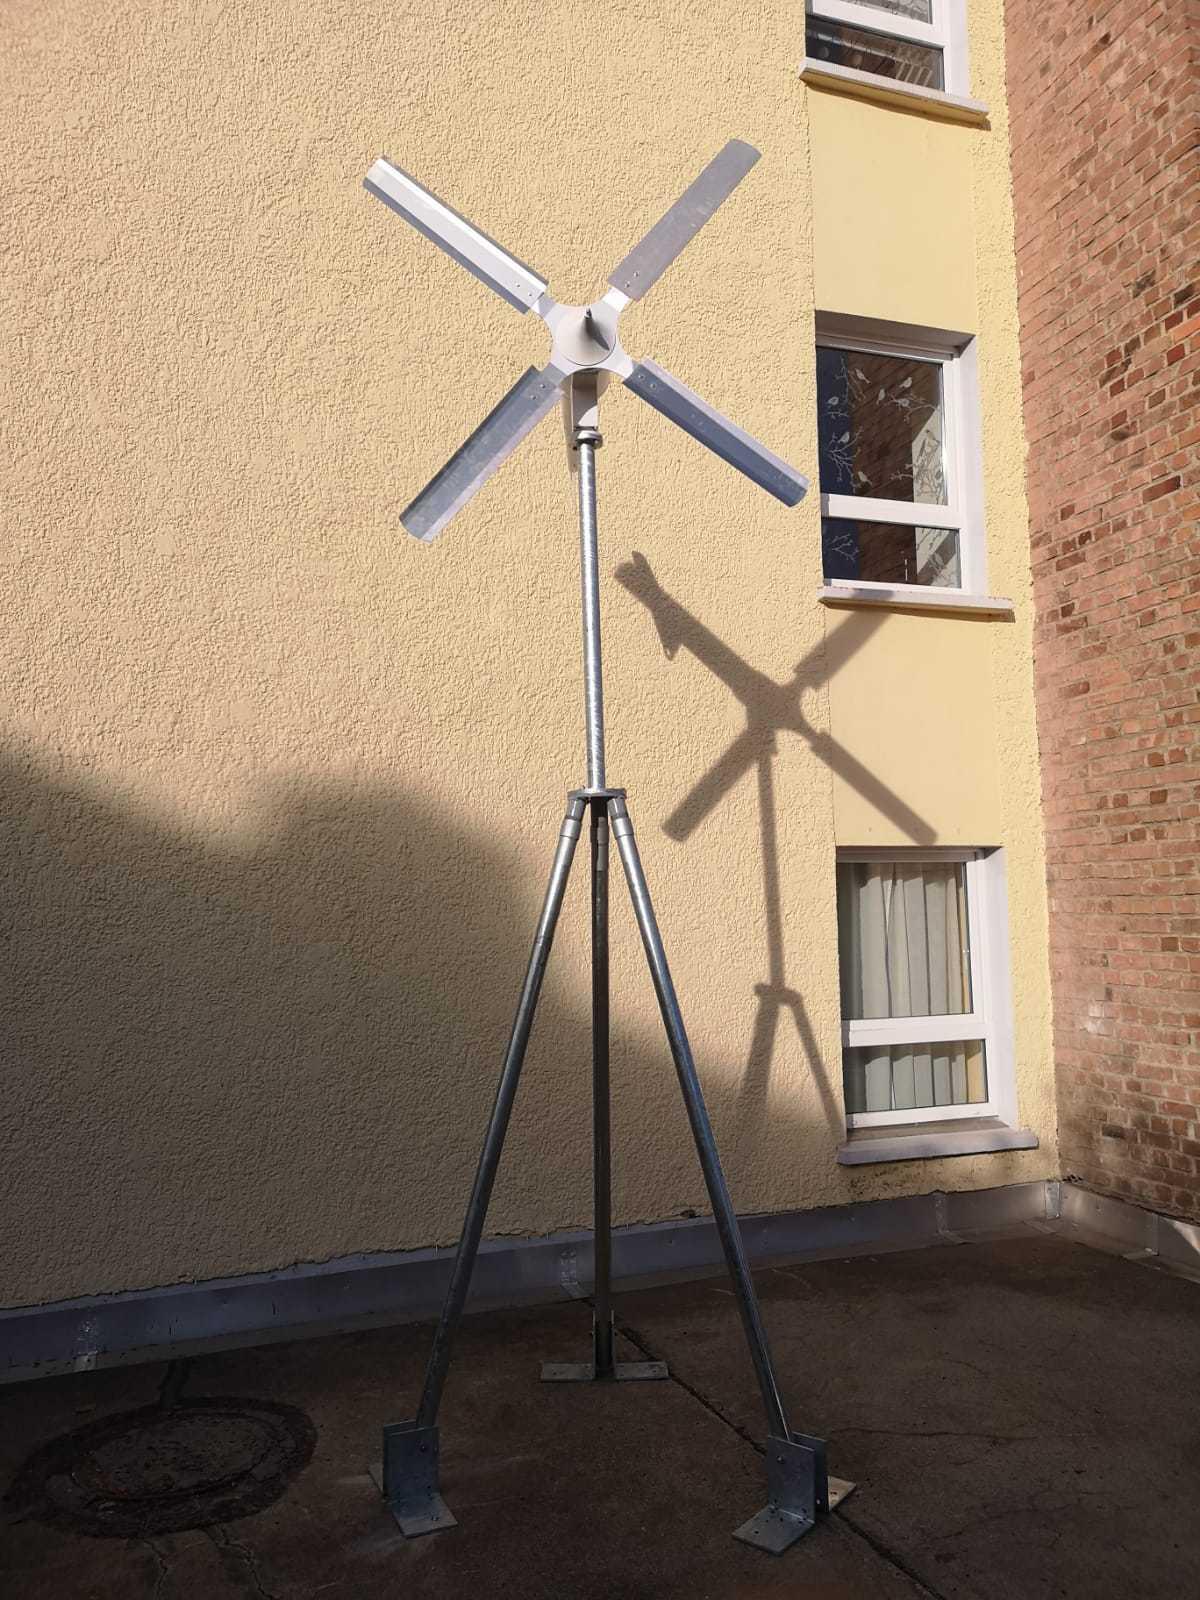 Mast Dreibein Variante 4 Windkraftanlage Windanlage Windgenerator Windkraft